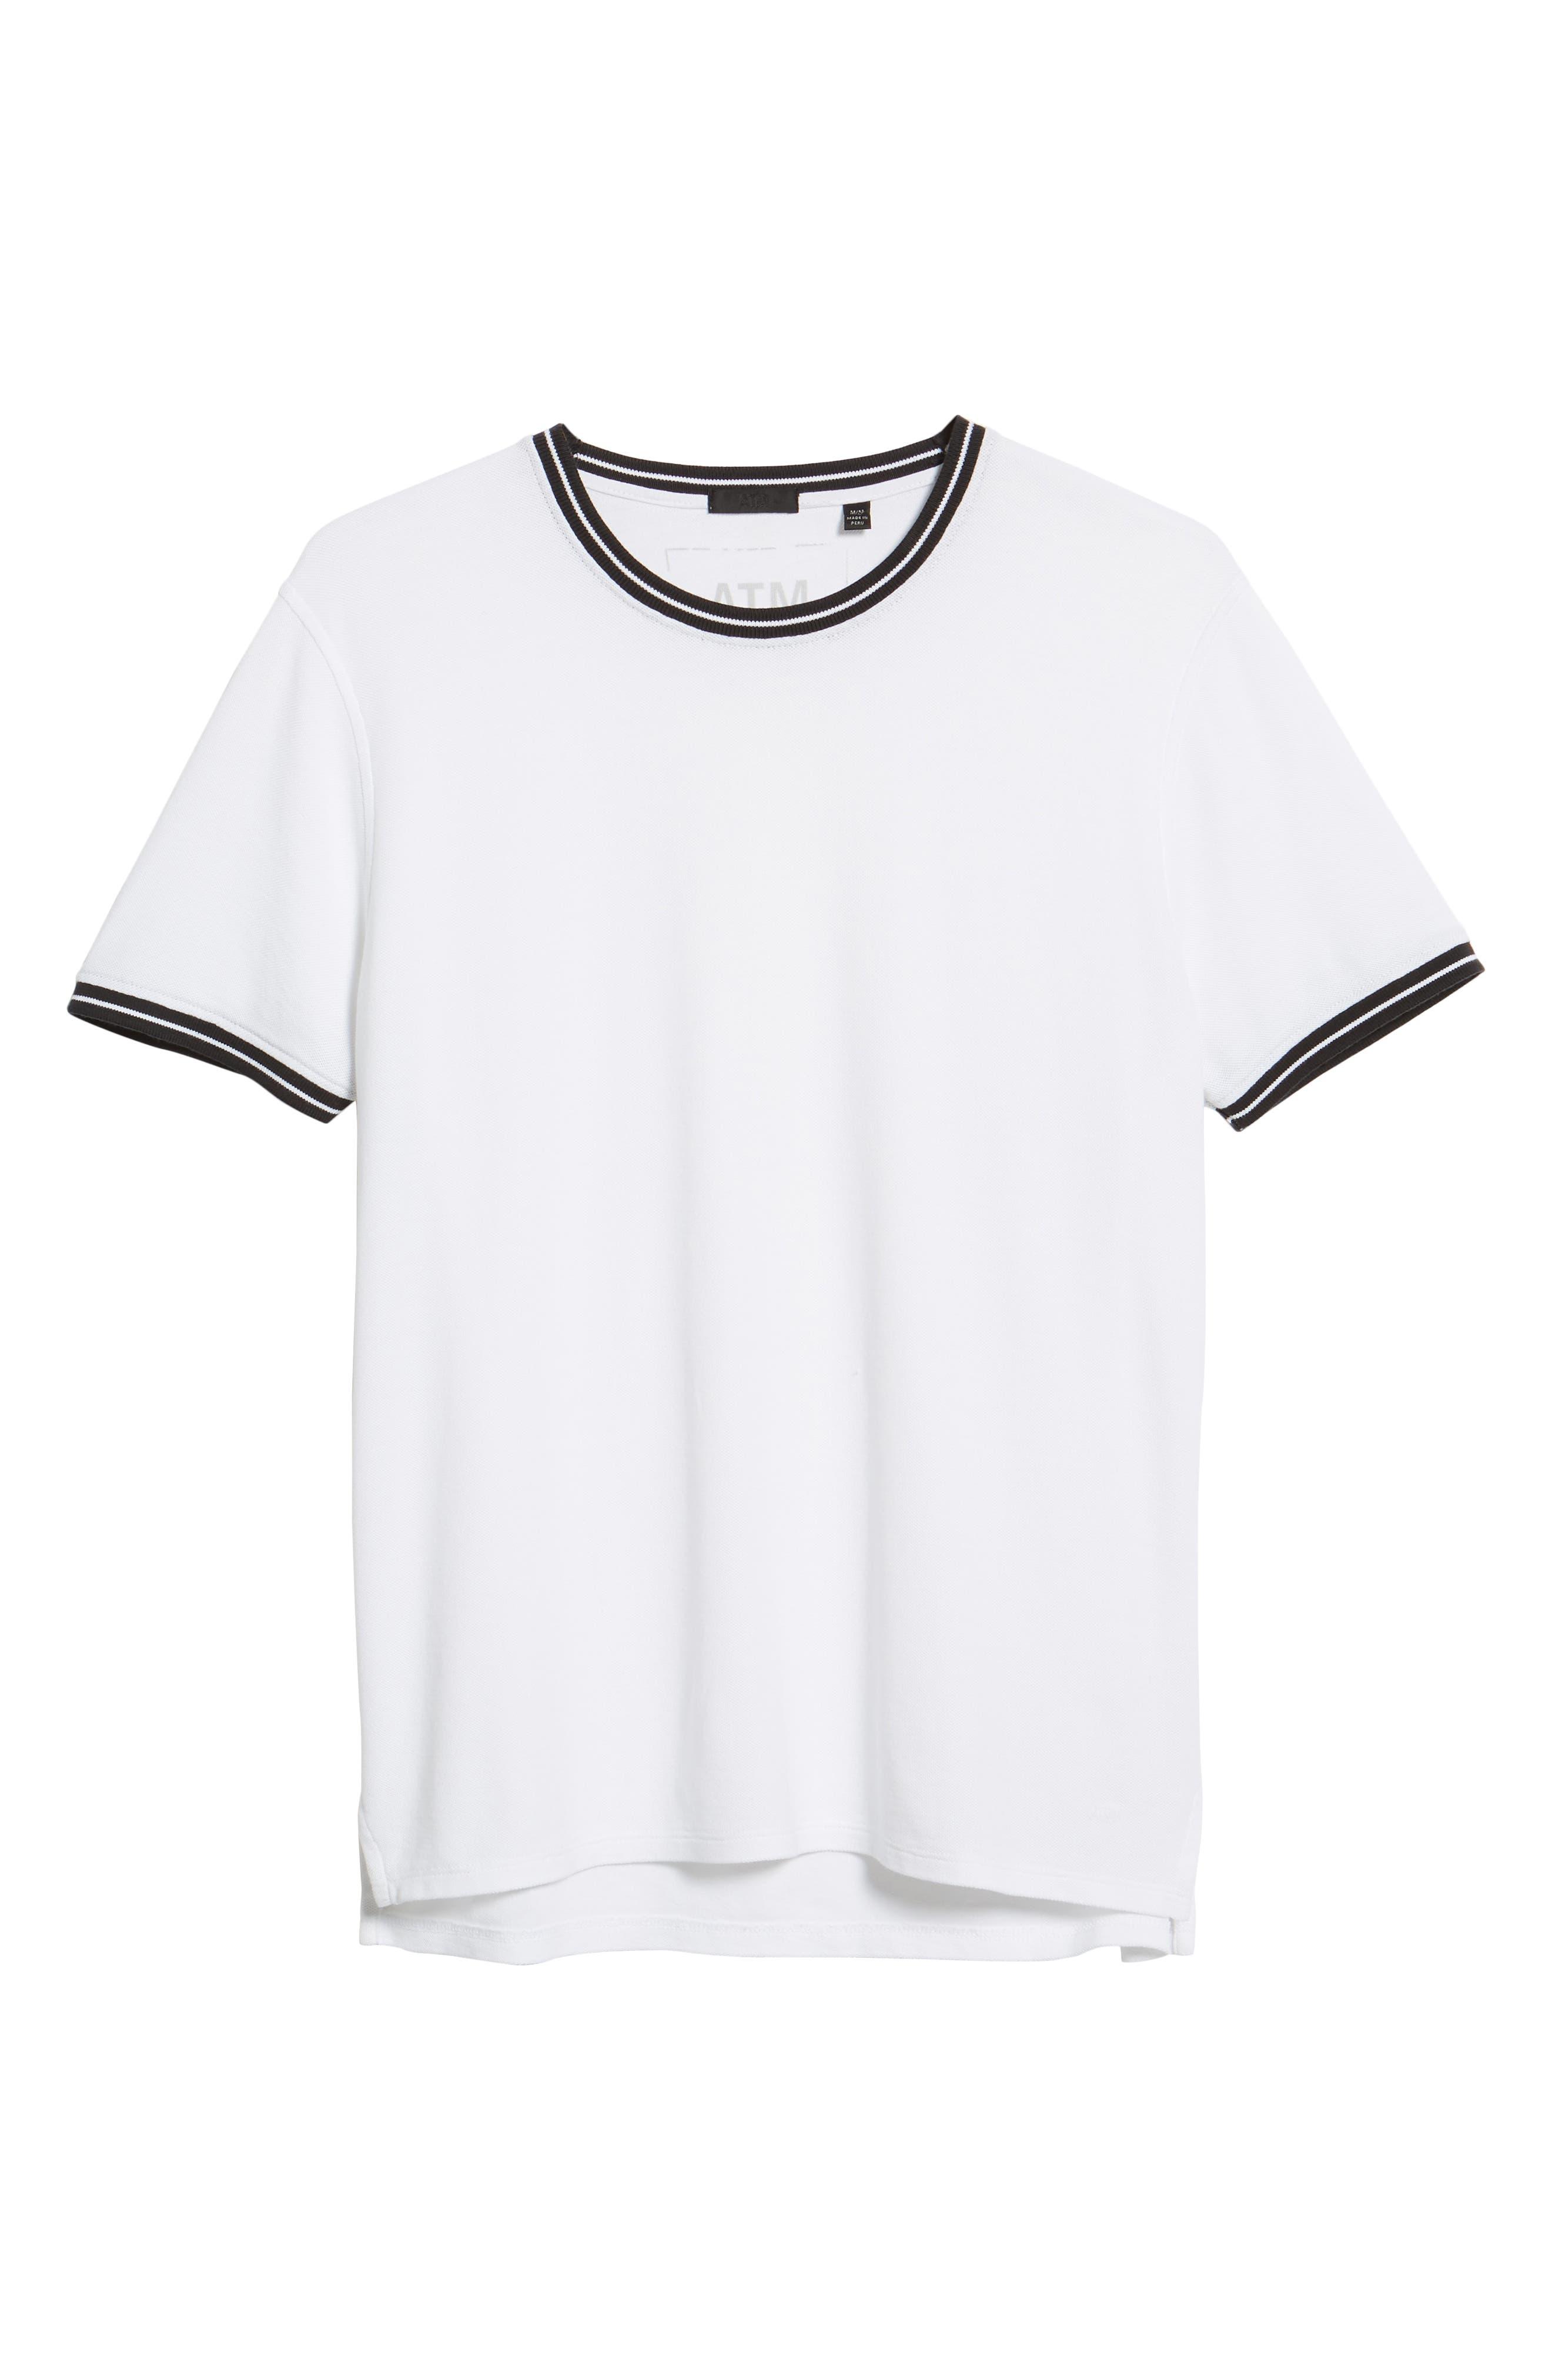 Pique Crewneck T-shirt,                             Alternate thumbnail 6, color,